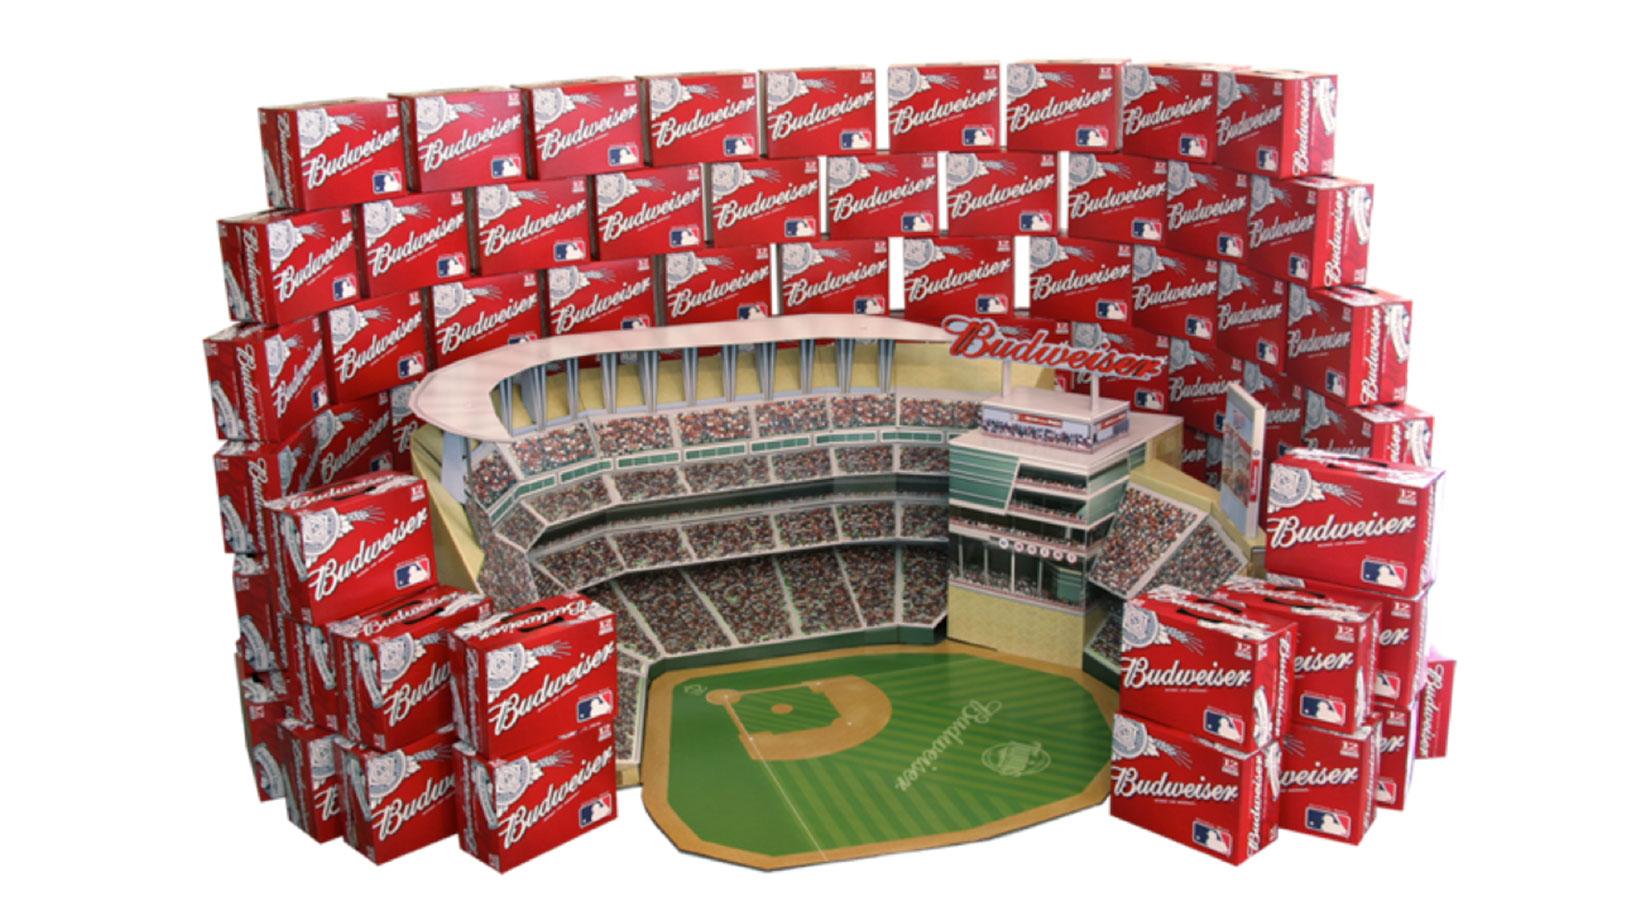 Budweiser – Retail Displays